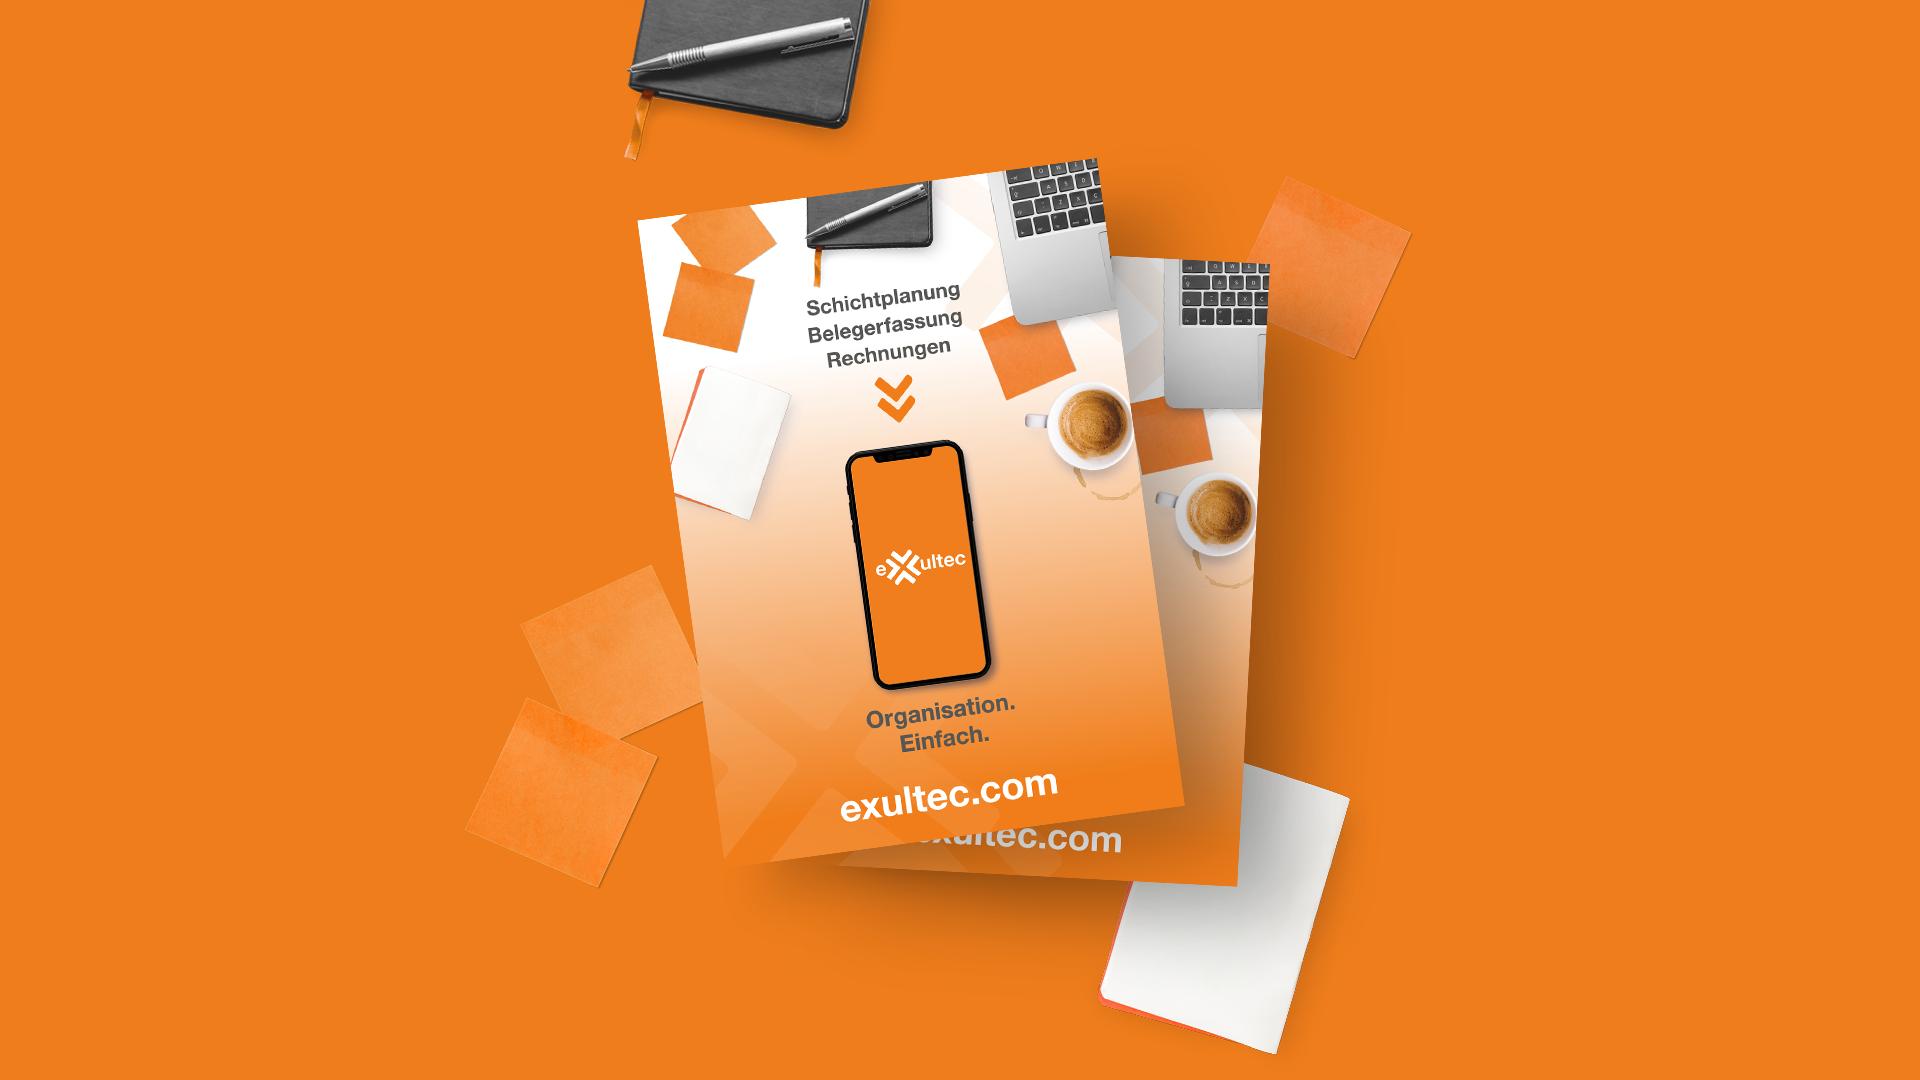 """DIN A5 Flyer für Messeauftritte von Exultec mit dem Claim: """"Organisation. Einfach."""""""